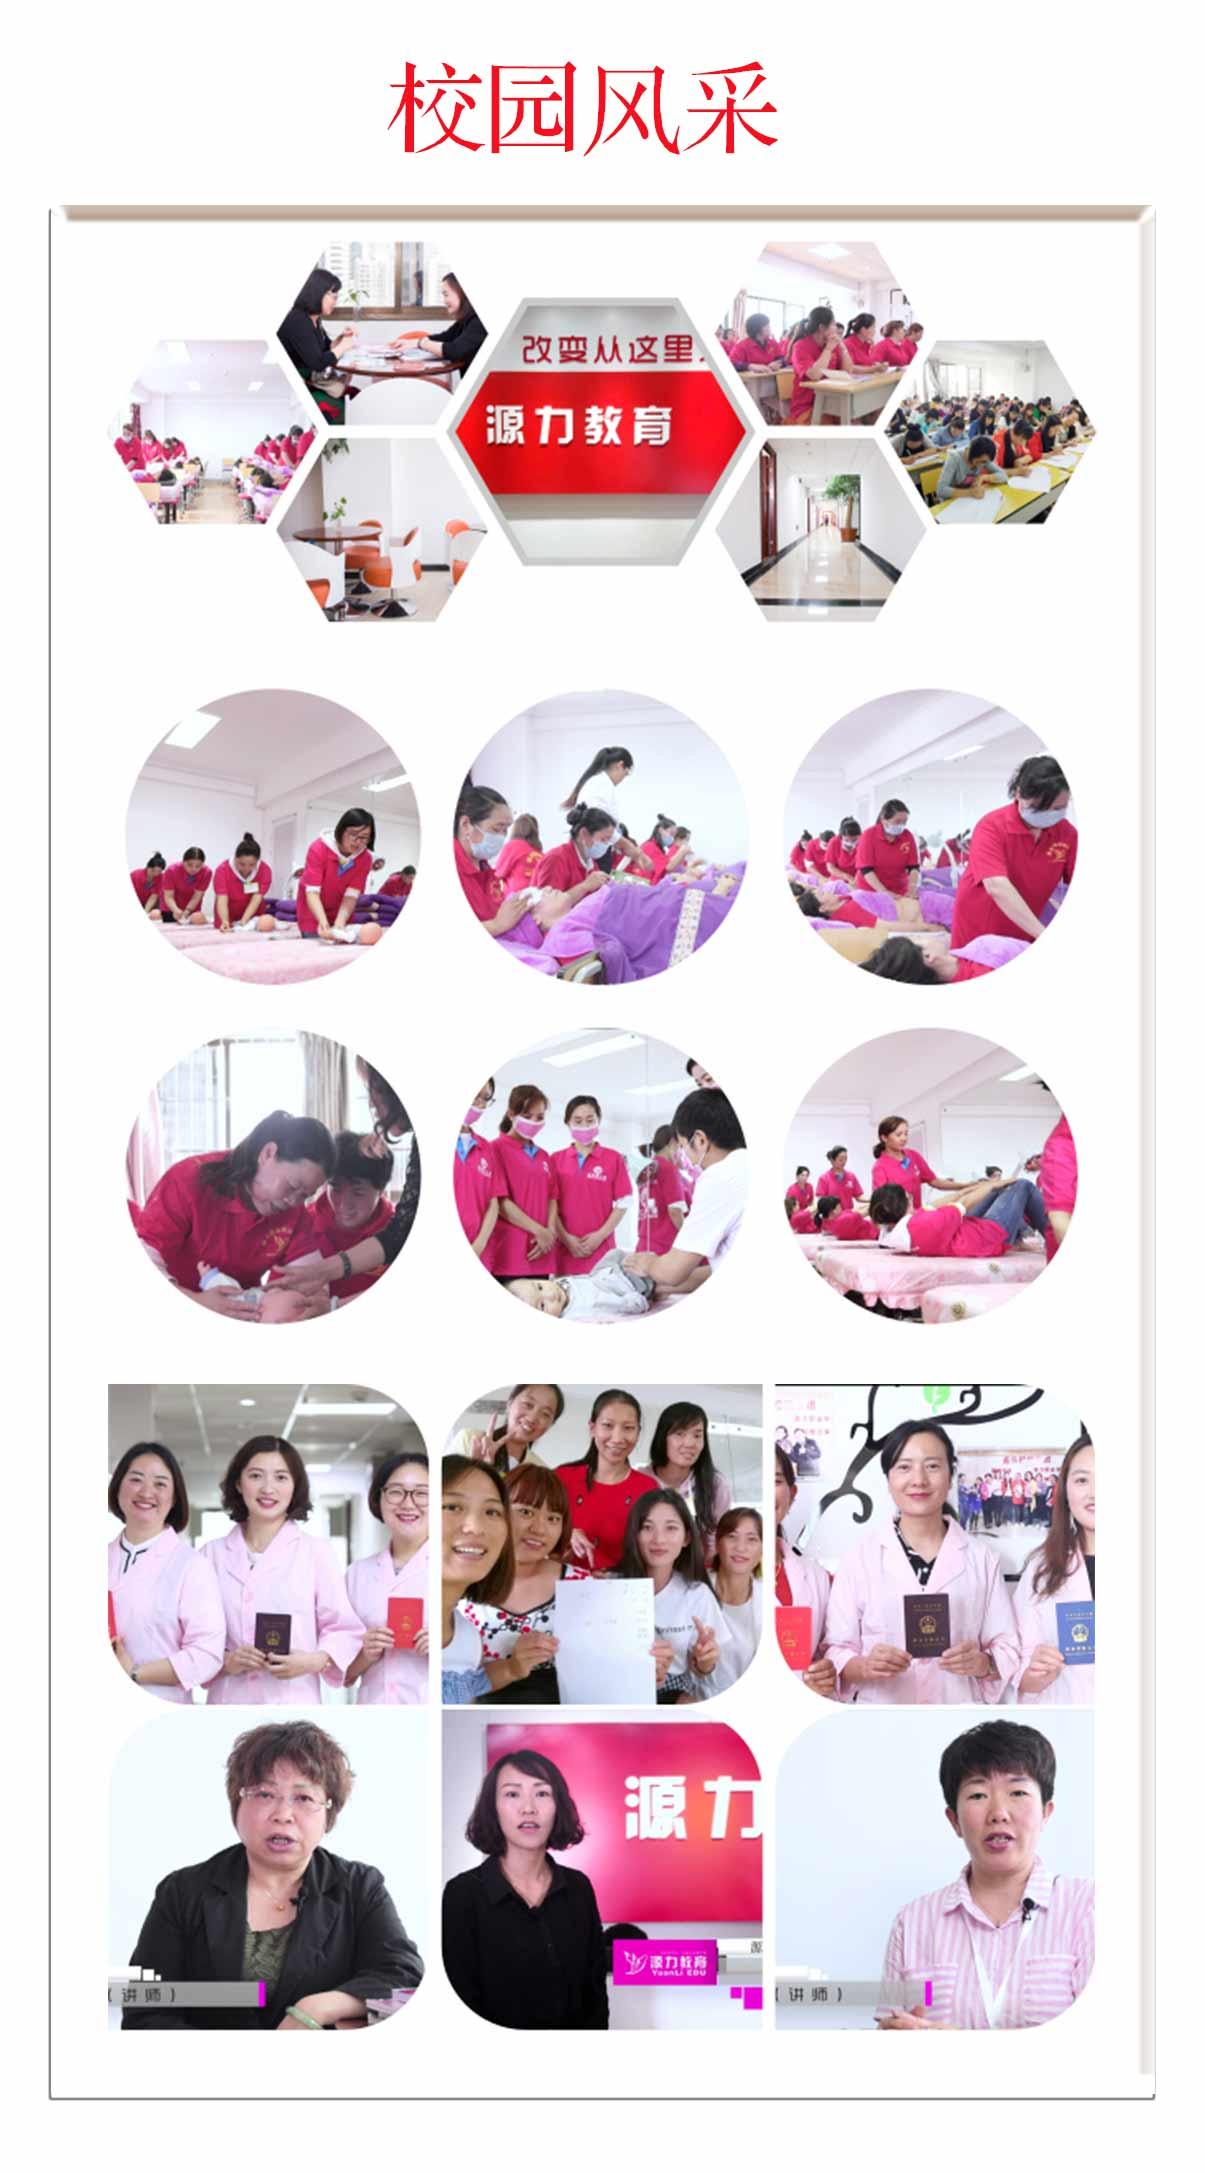 源力教育美容师等课程培训校园风采展示